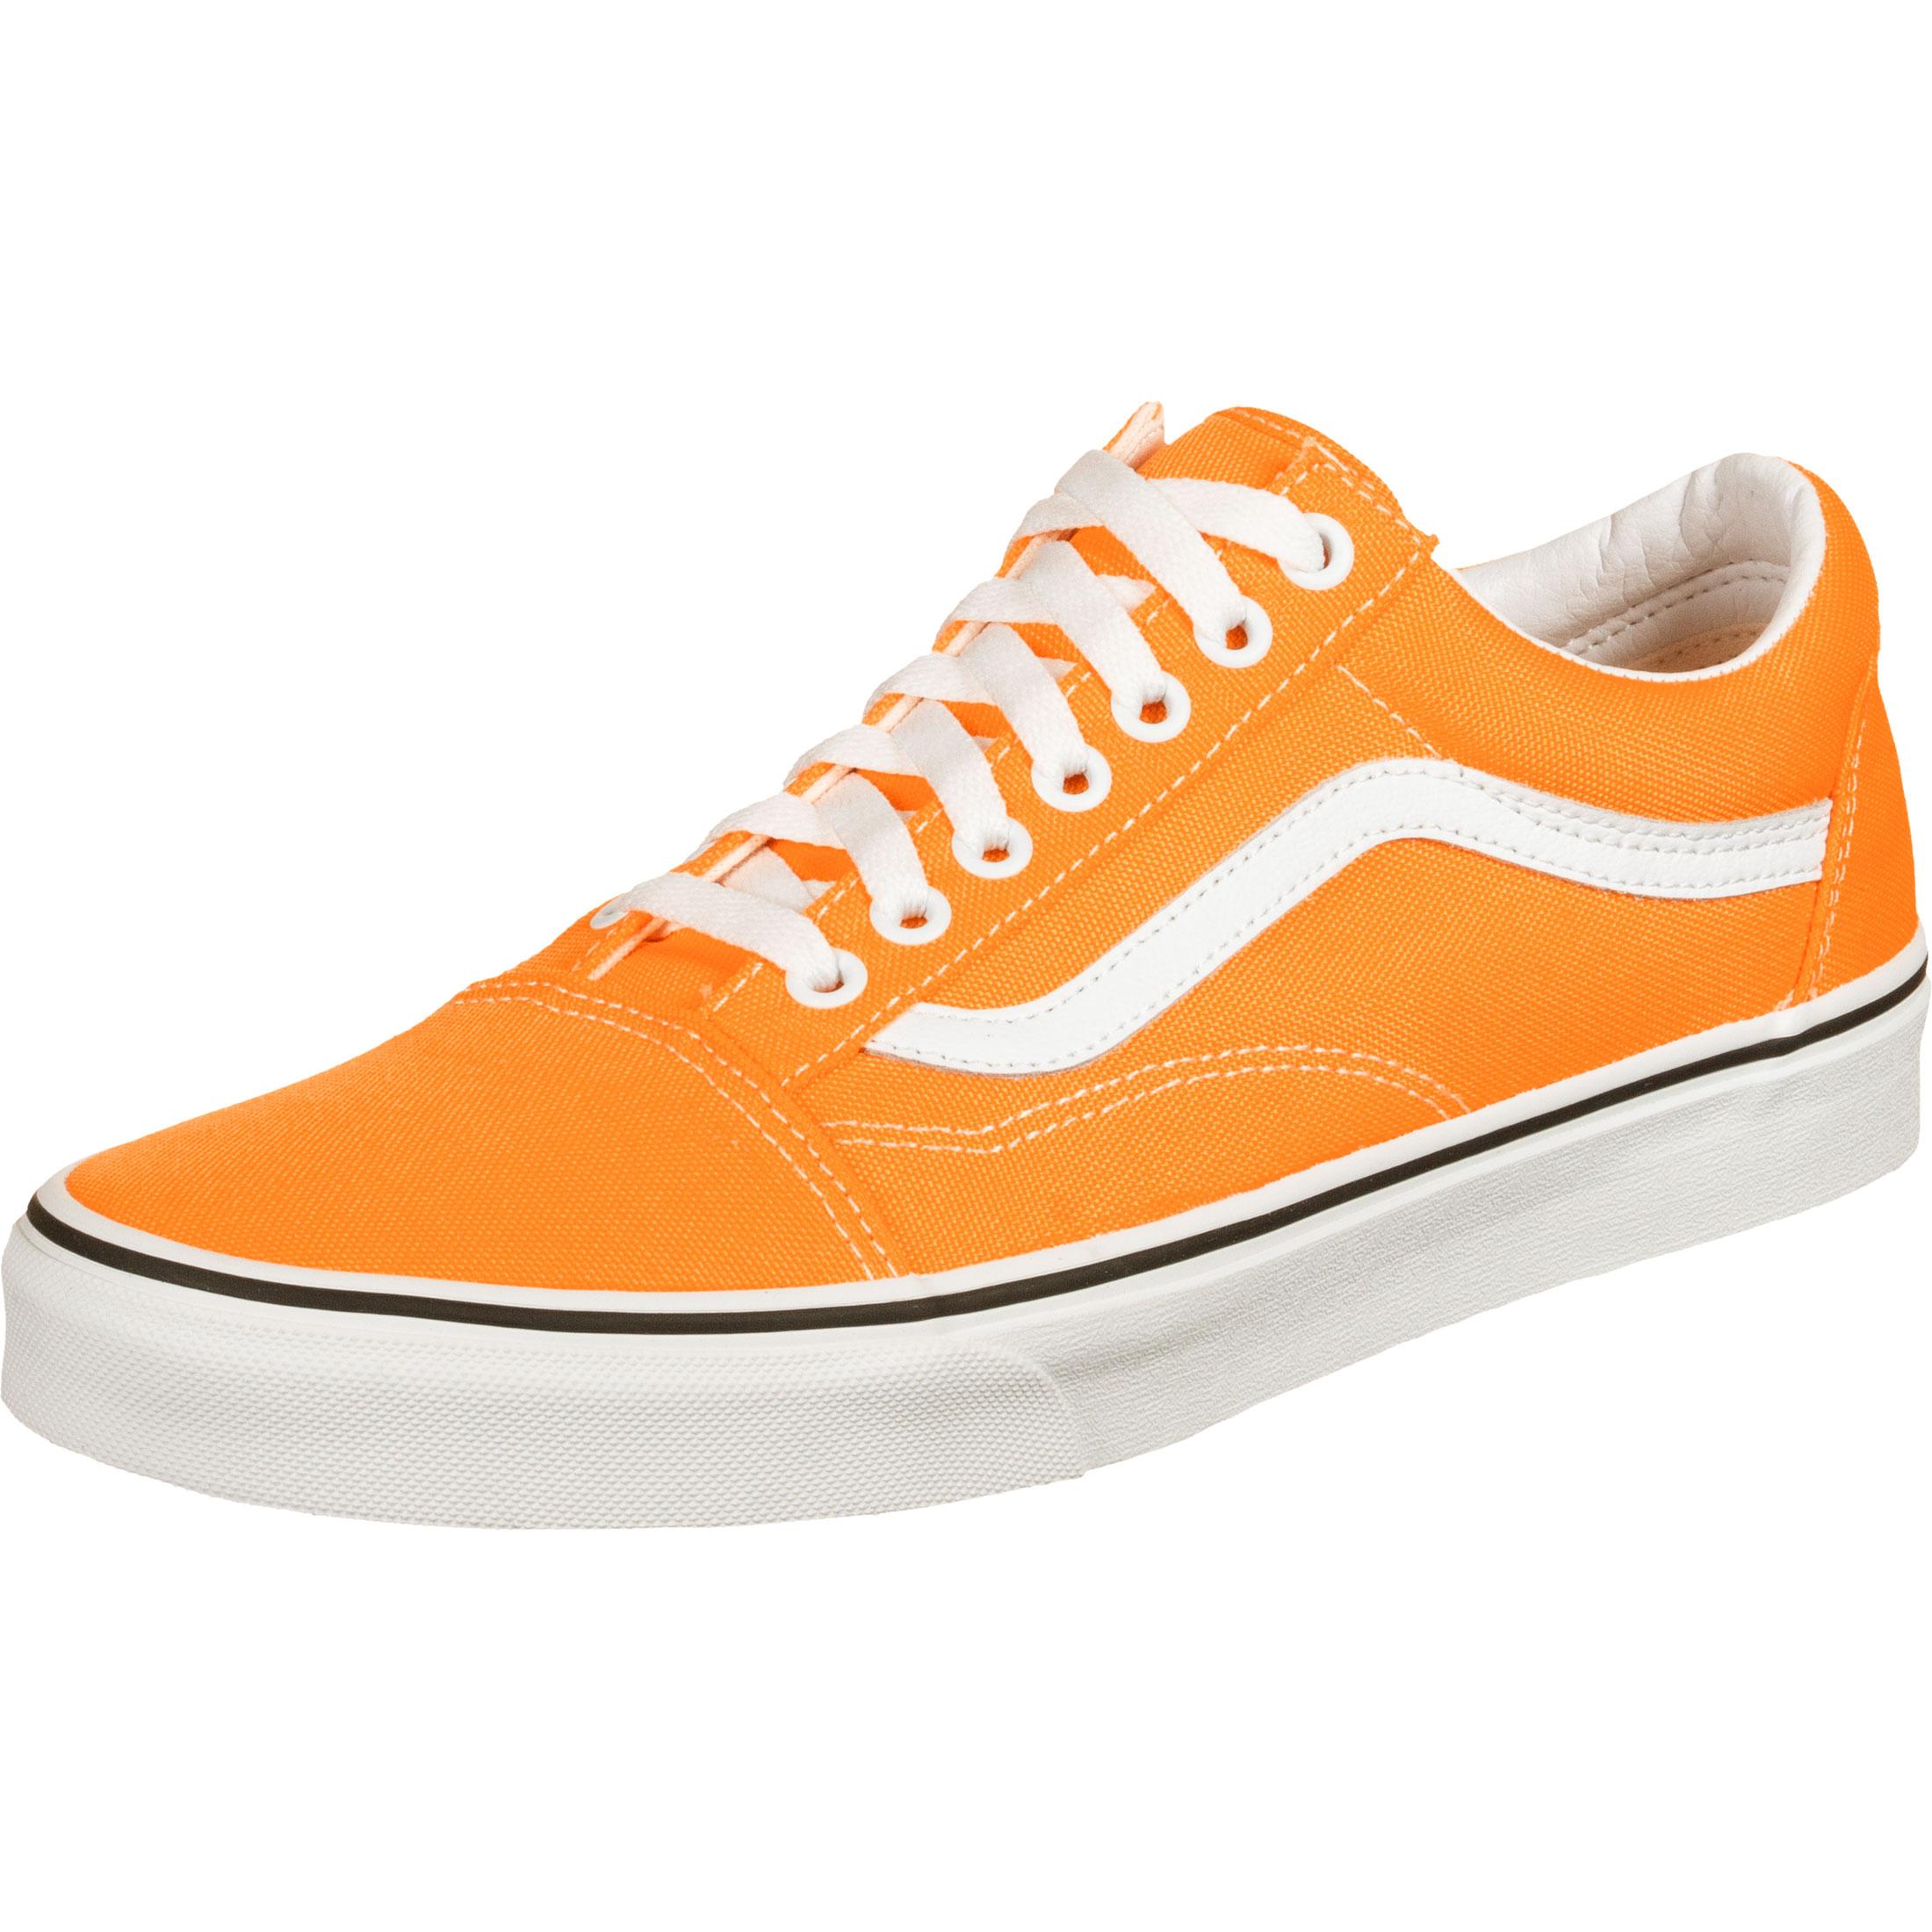 Vans UA Old Skool - Sneakers Low at